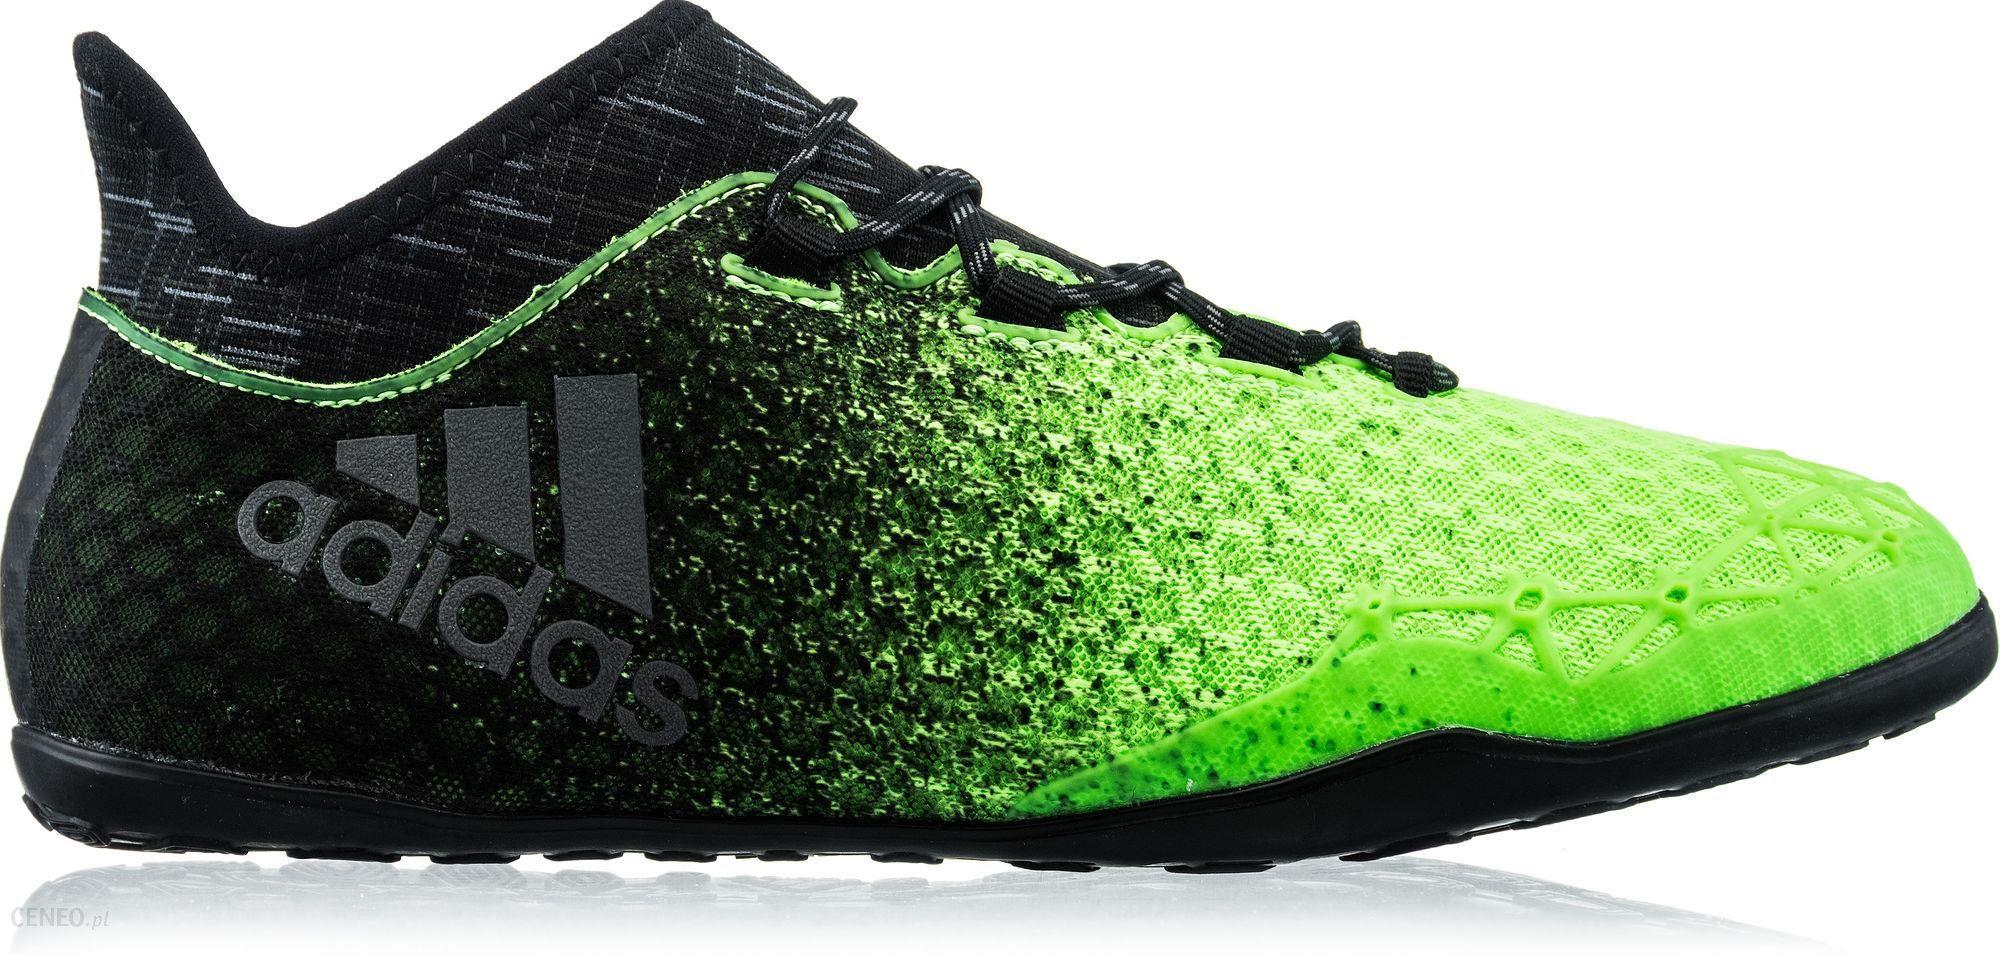 Adidas Buty Piłkarskie Halowe X Tango 16.1 In Zielony Neon Czarne Bb5001 Ceny i opinie Ceneo.pl